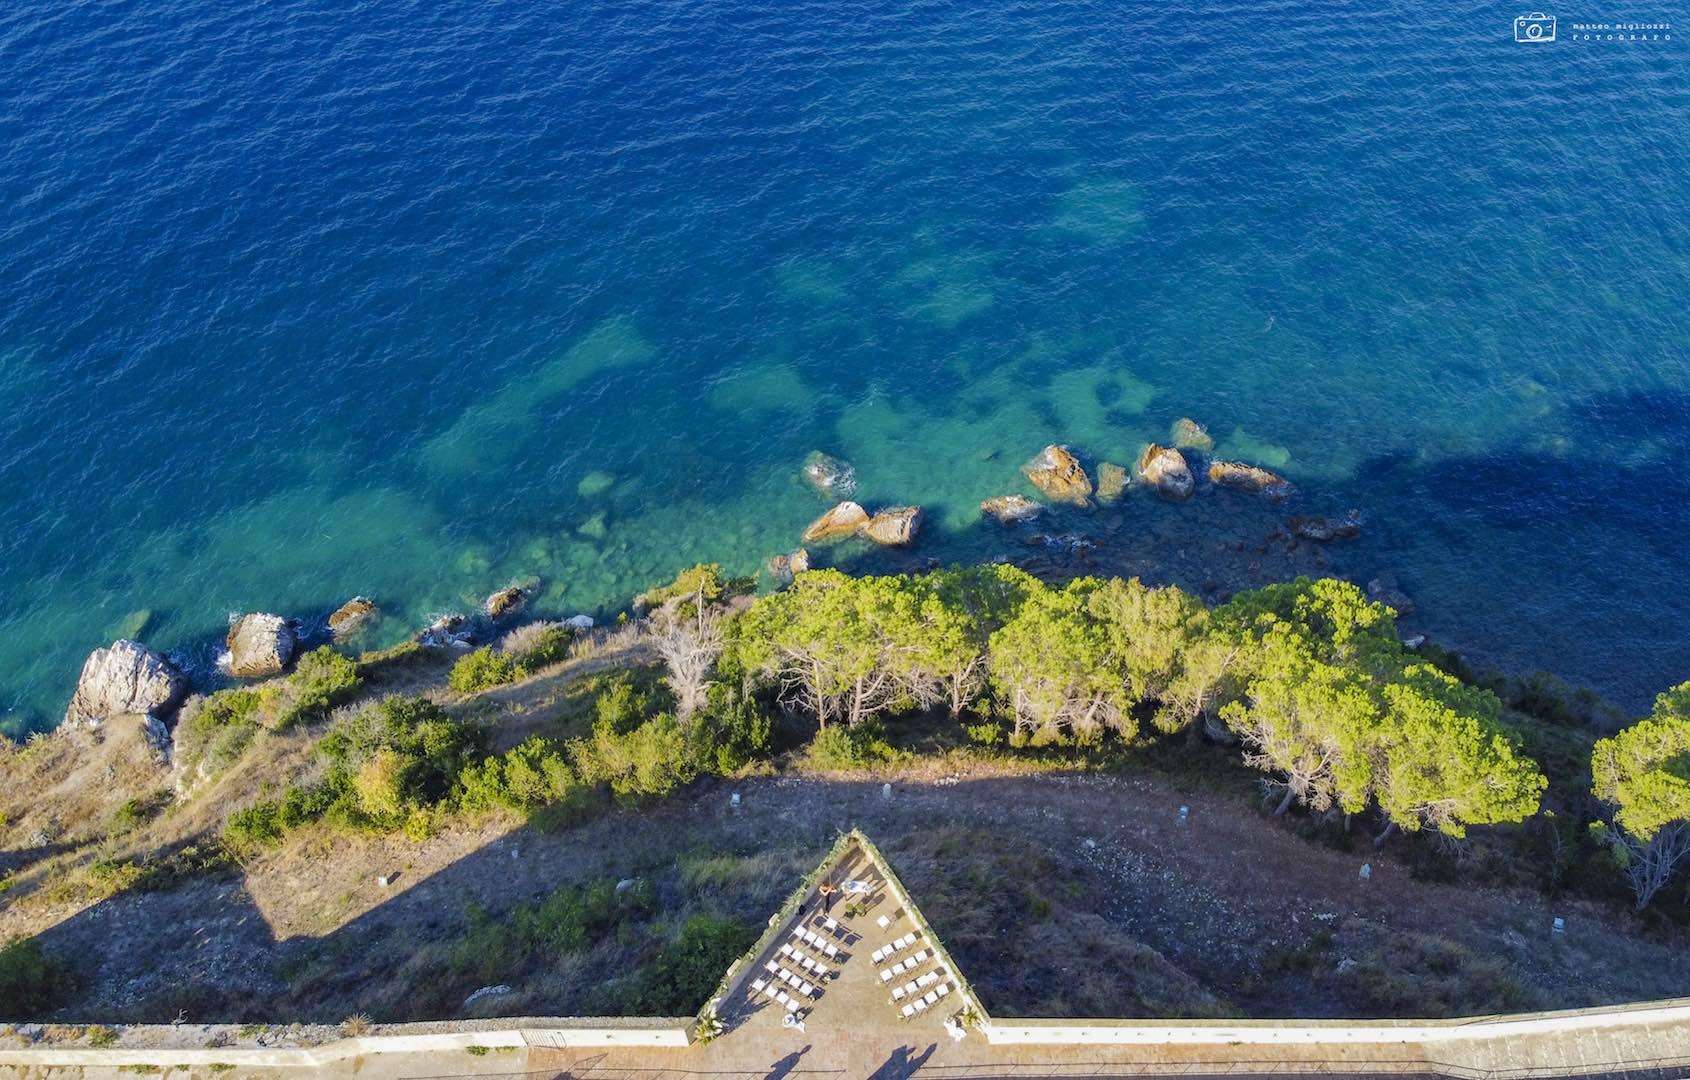 L'isola d'Elba? Una location da sogno